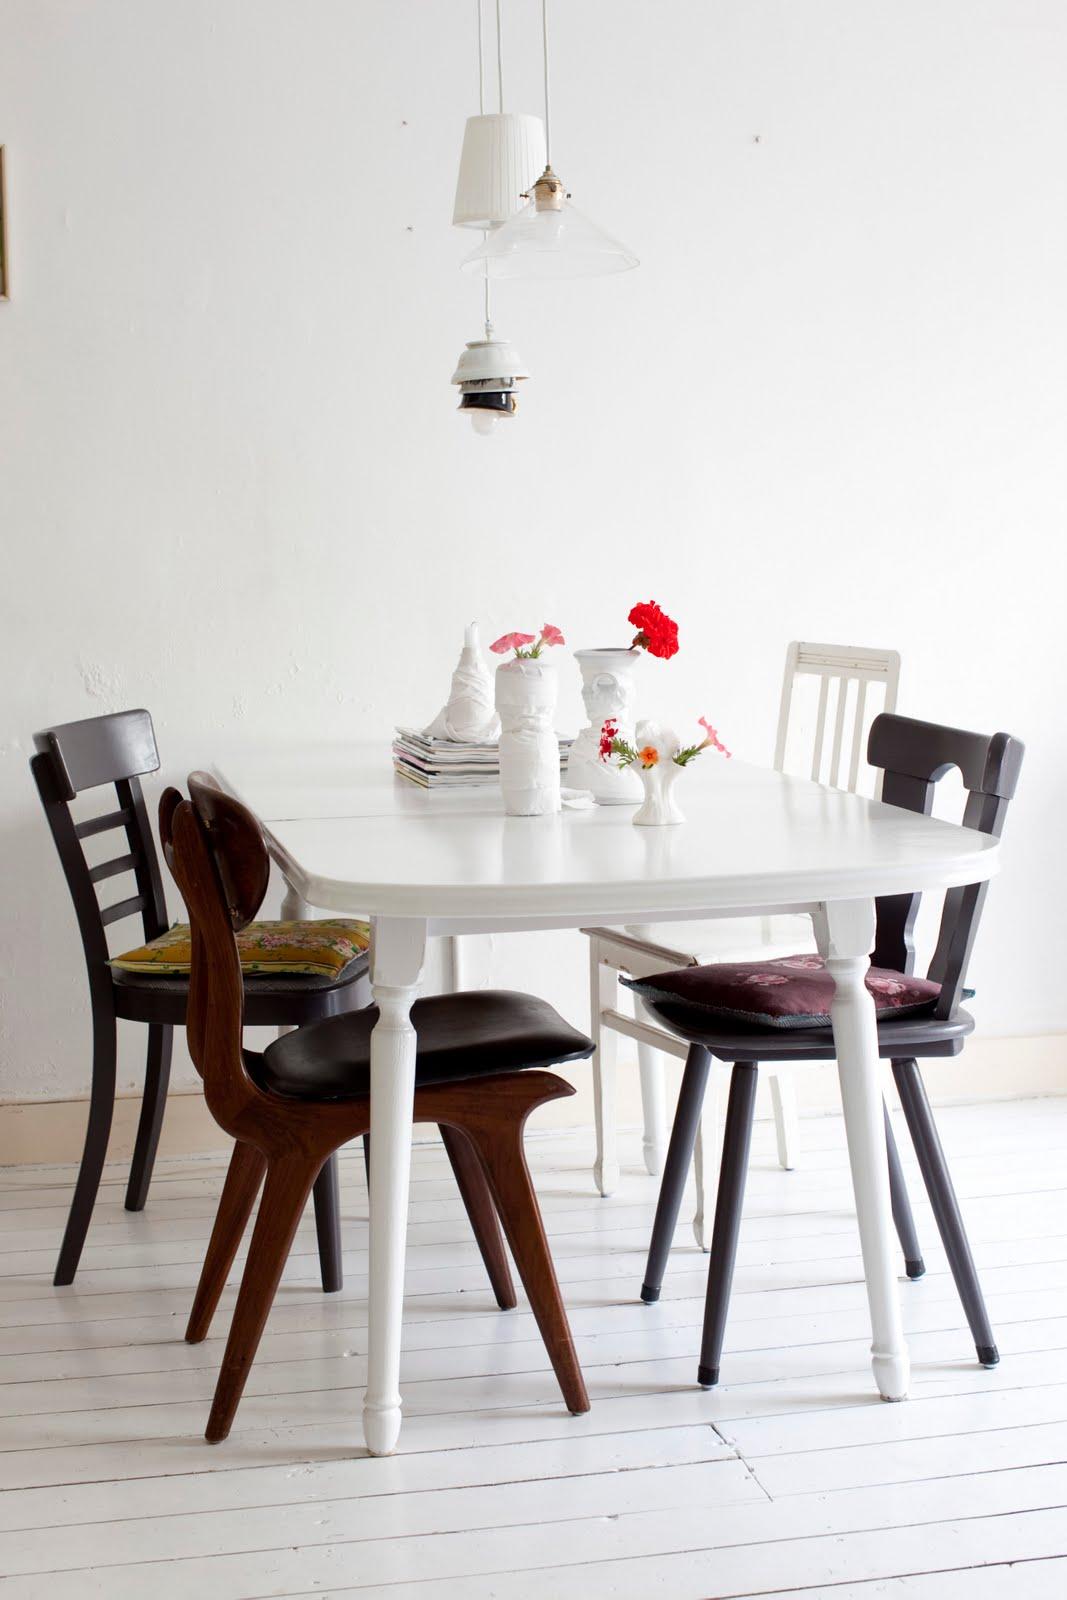 des chaises d�pareill�es dans la salle � manger | une